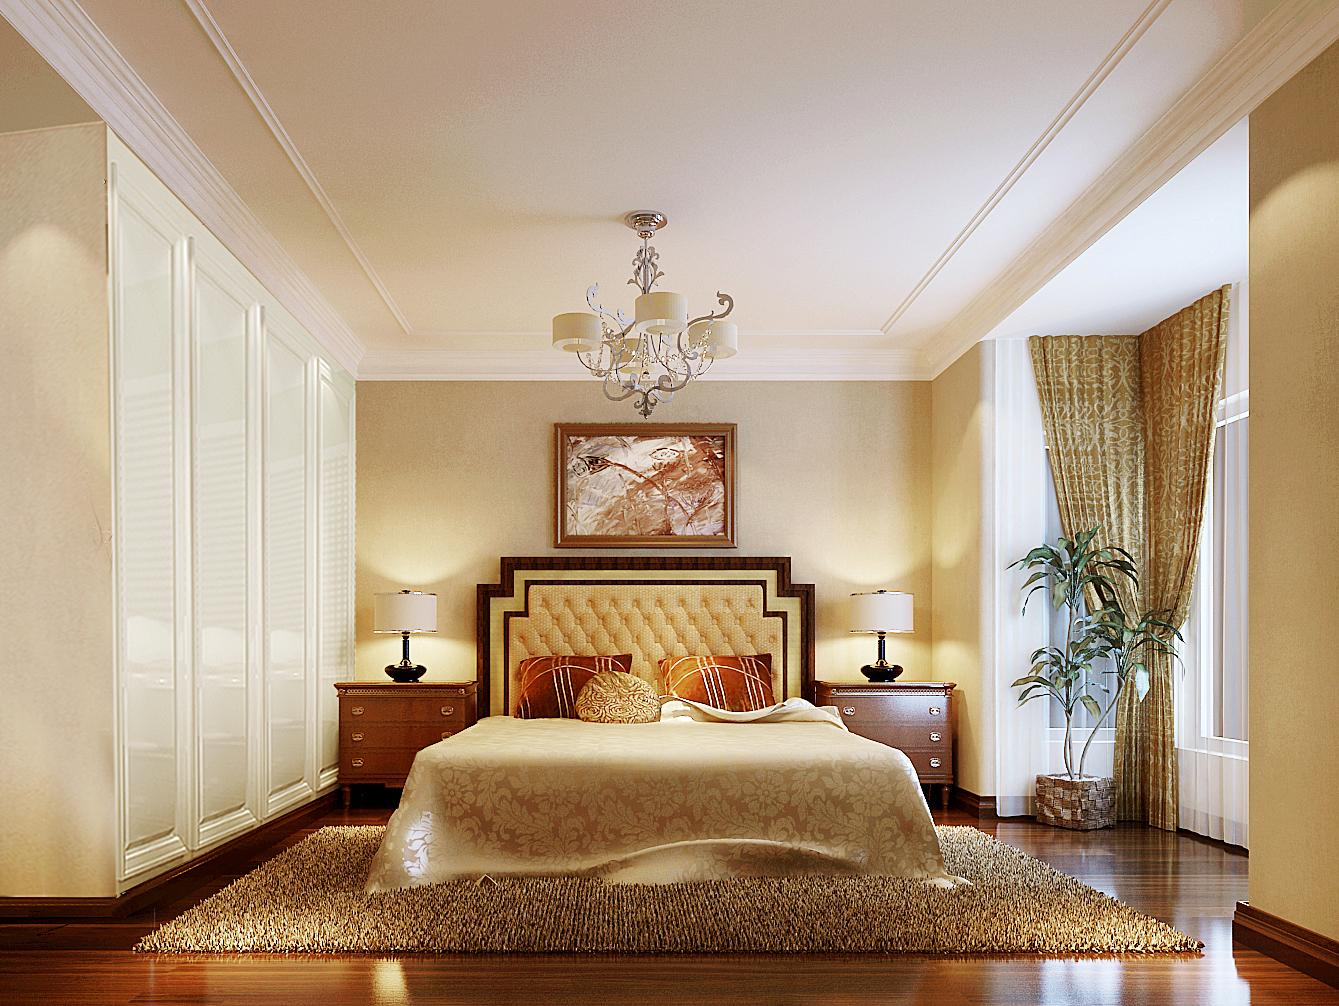 简约 三居 公寓 80后 小资 卧室图片来自黑白昼夜循环丶在东湖湾129平简约风格设计案例的分享